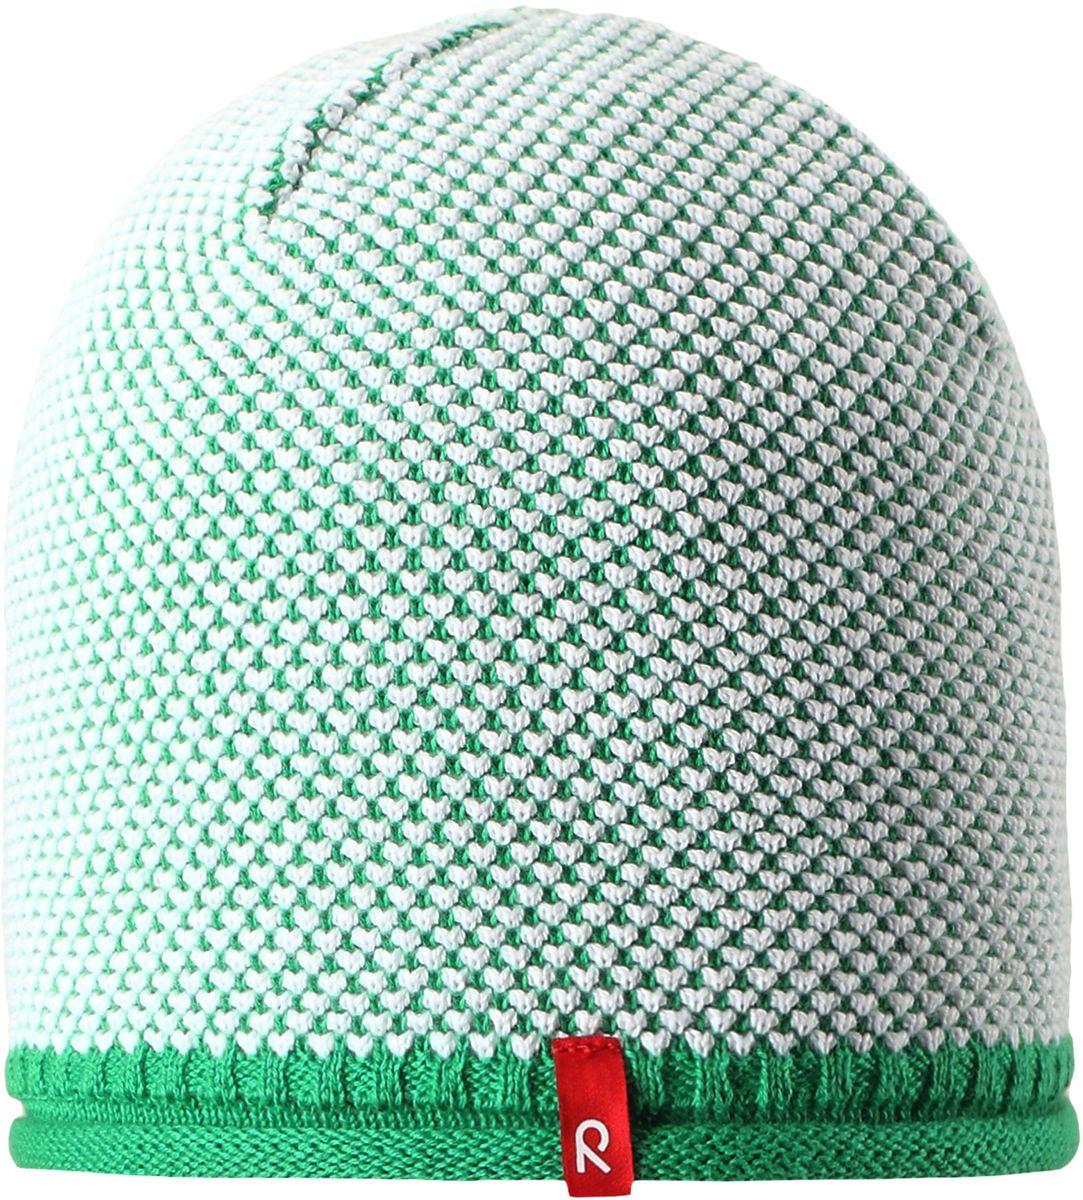 Шапка детская Reima Seilori, цвет: зеленый. 5285298800. Размер 565285298800Яркая детская шапка станет превосходным выбором в межсезонье, в ней можно и поиграть во дворе, и прогуляться по городу. Изготовлена из мягкого и комфортного вязаного хлопка. Эта симпатичная облегченная модель без подкладки идеально подходит для солнечной погоды. Модный вязаный узор.